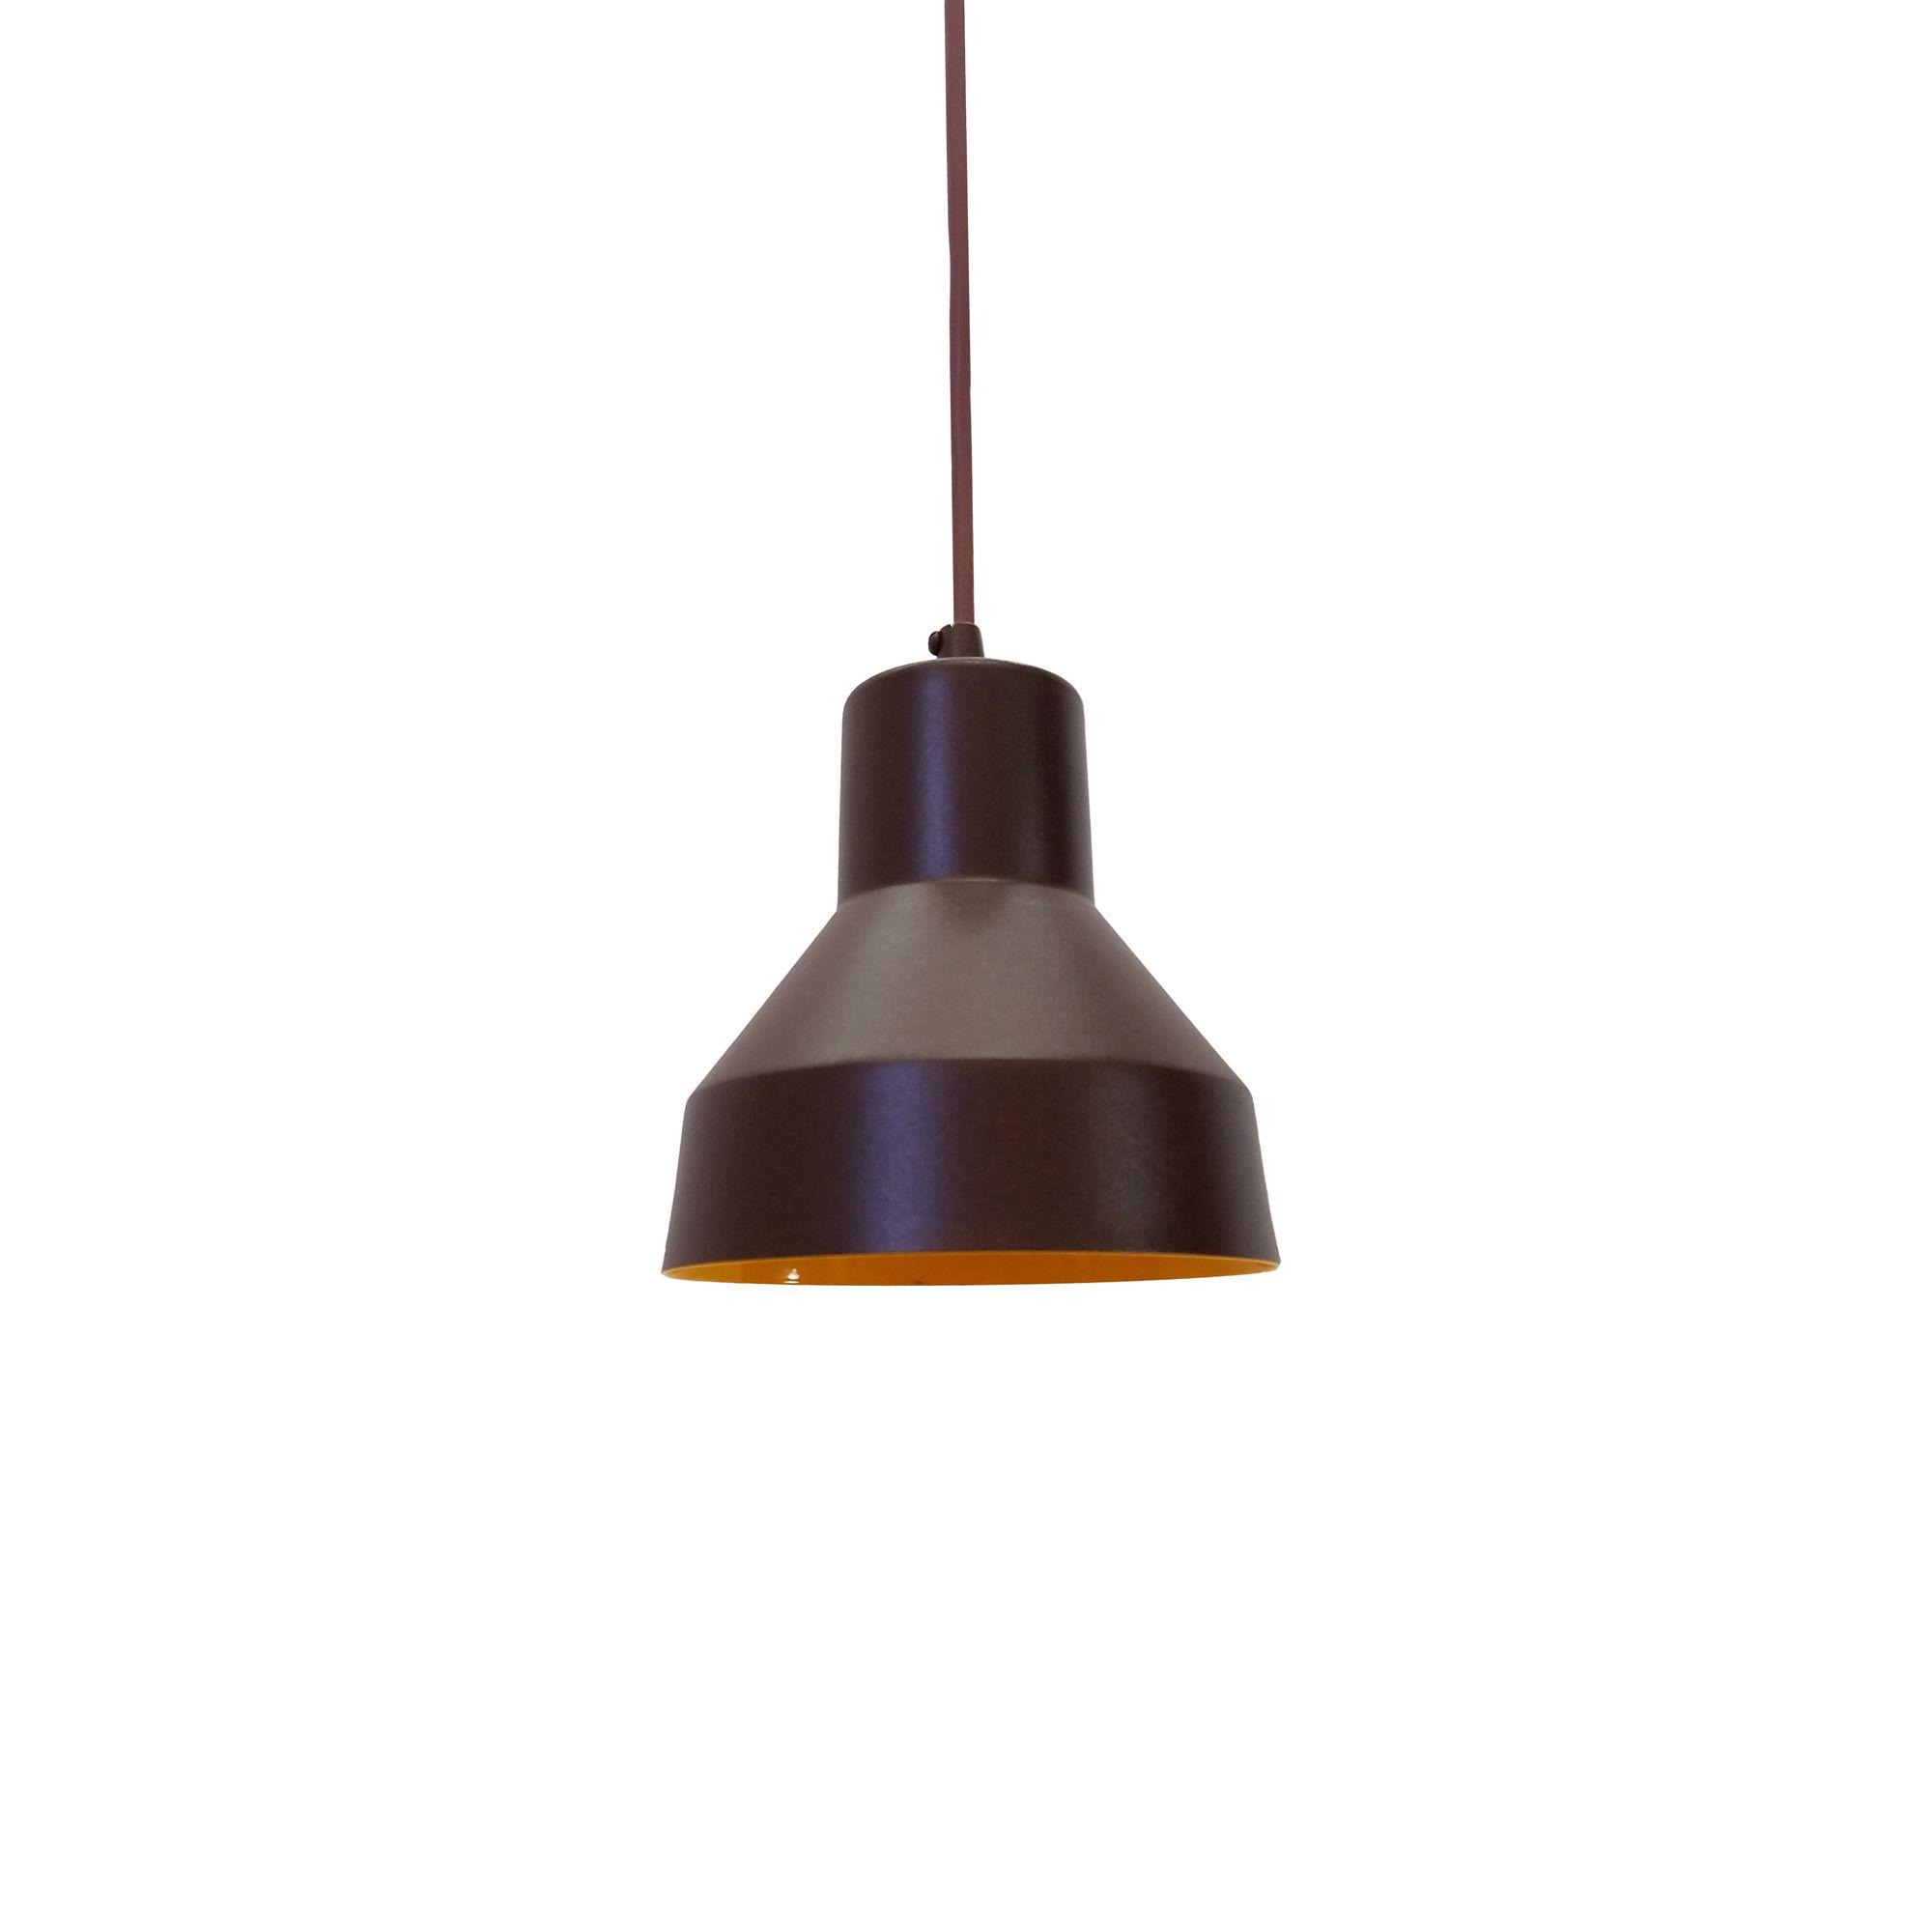 Pendente Viena Aluminio Café/Amarelo 1E27 13x13CM PD130/1CF_AM